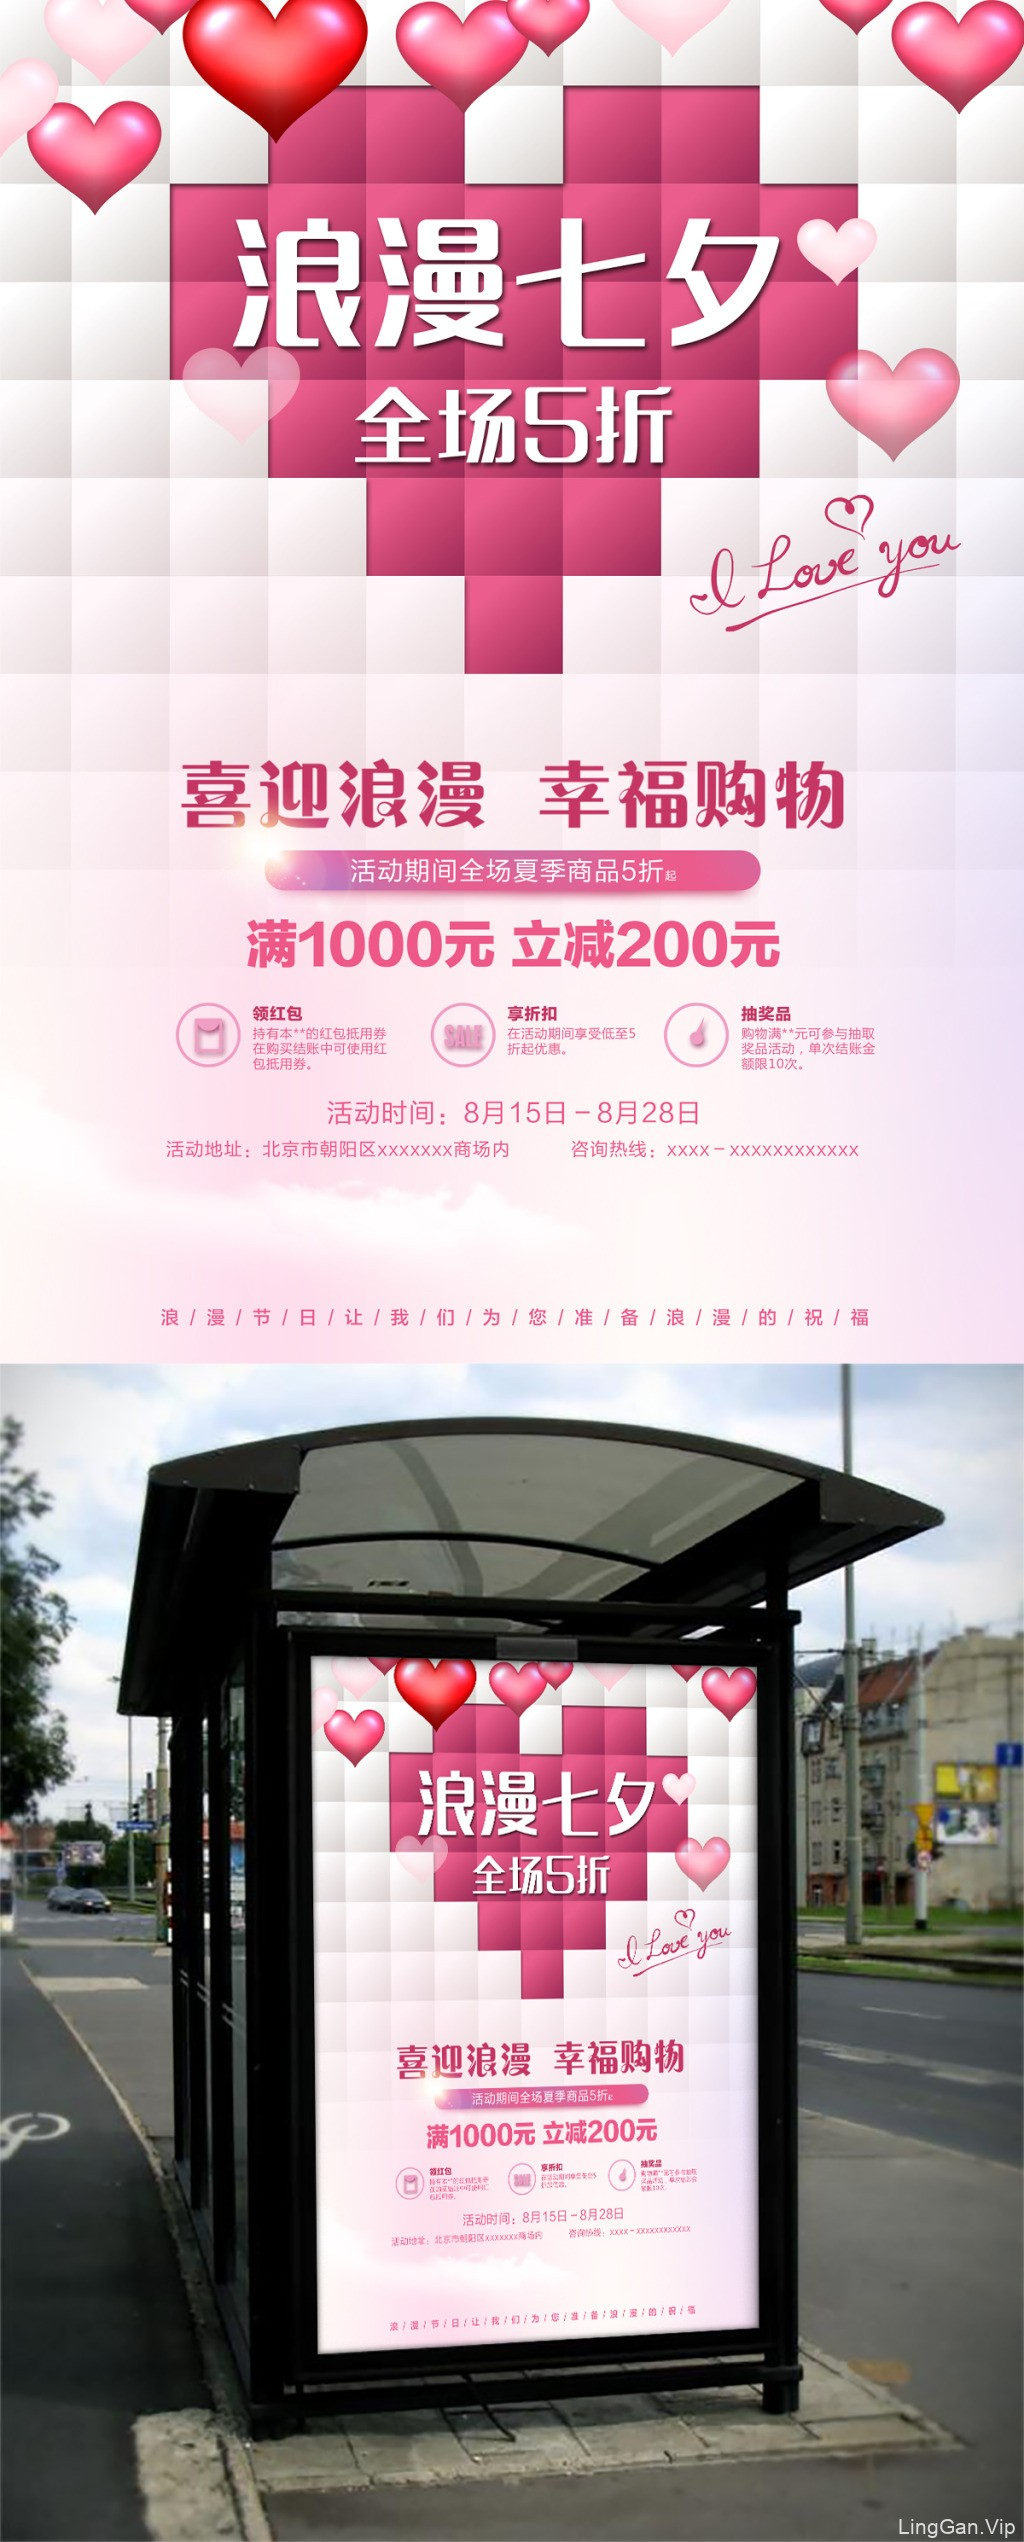 粉色风格的创意爱心2017年七夕促销打折购物宣传海报马赛克版